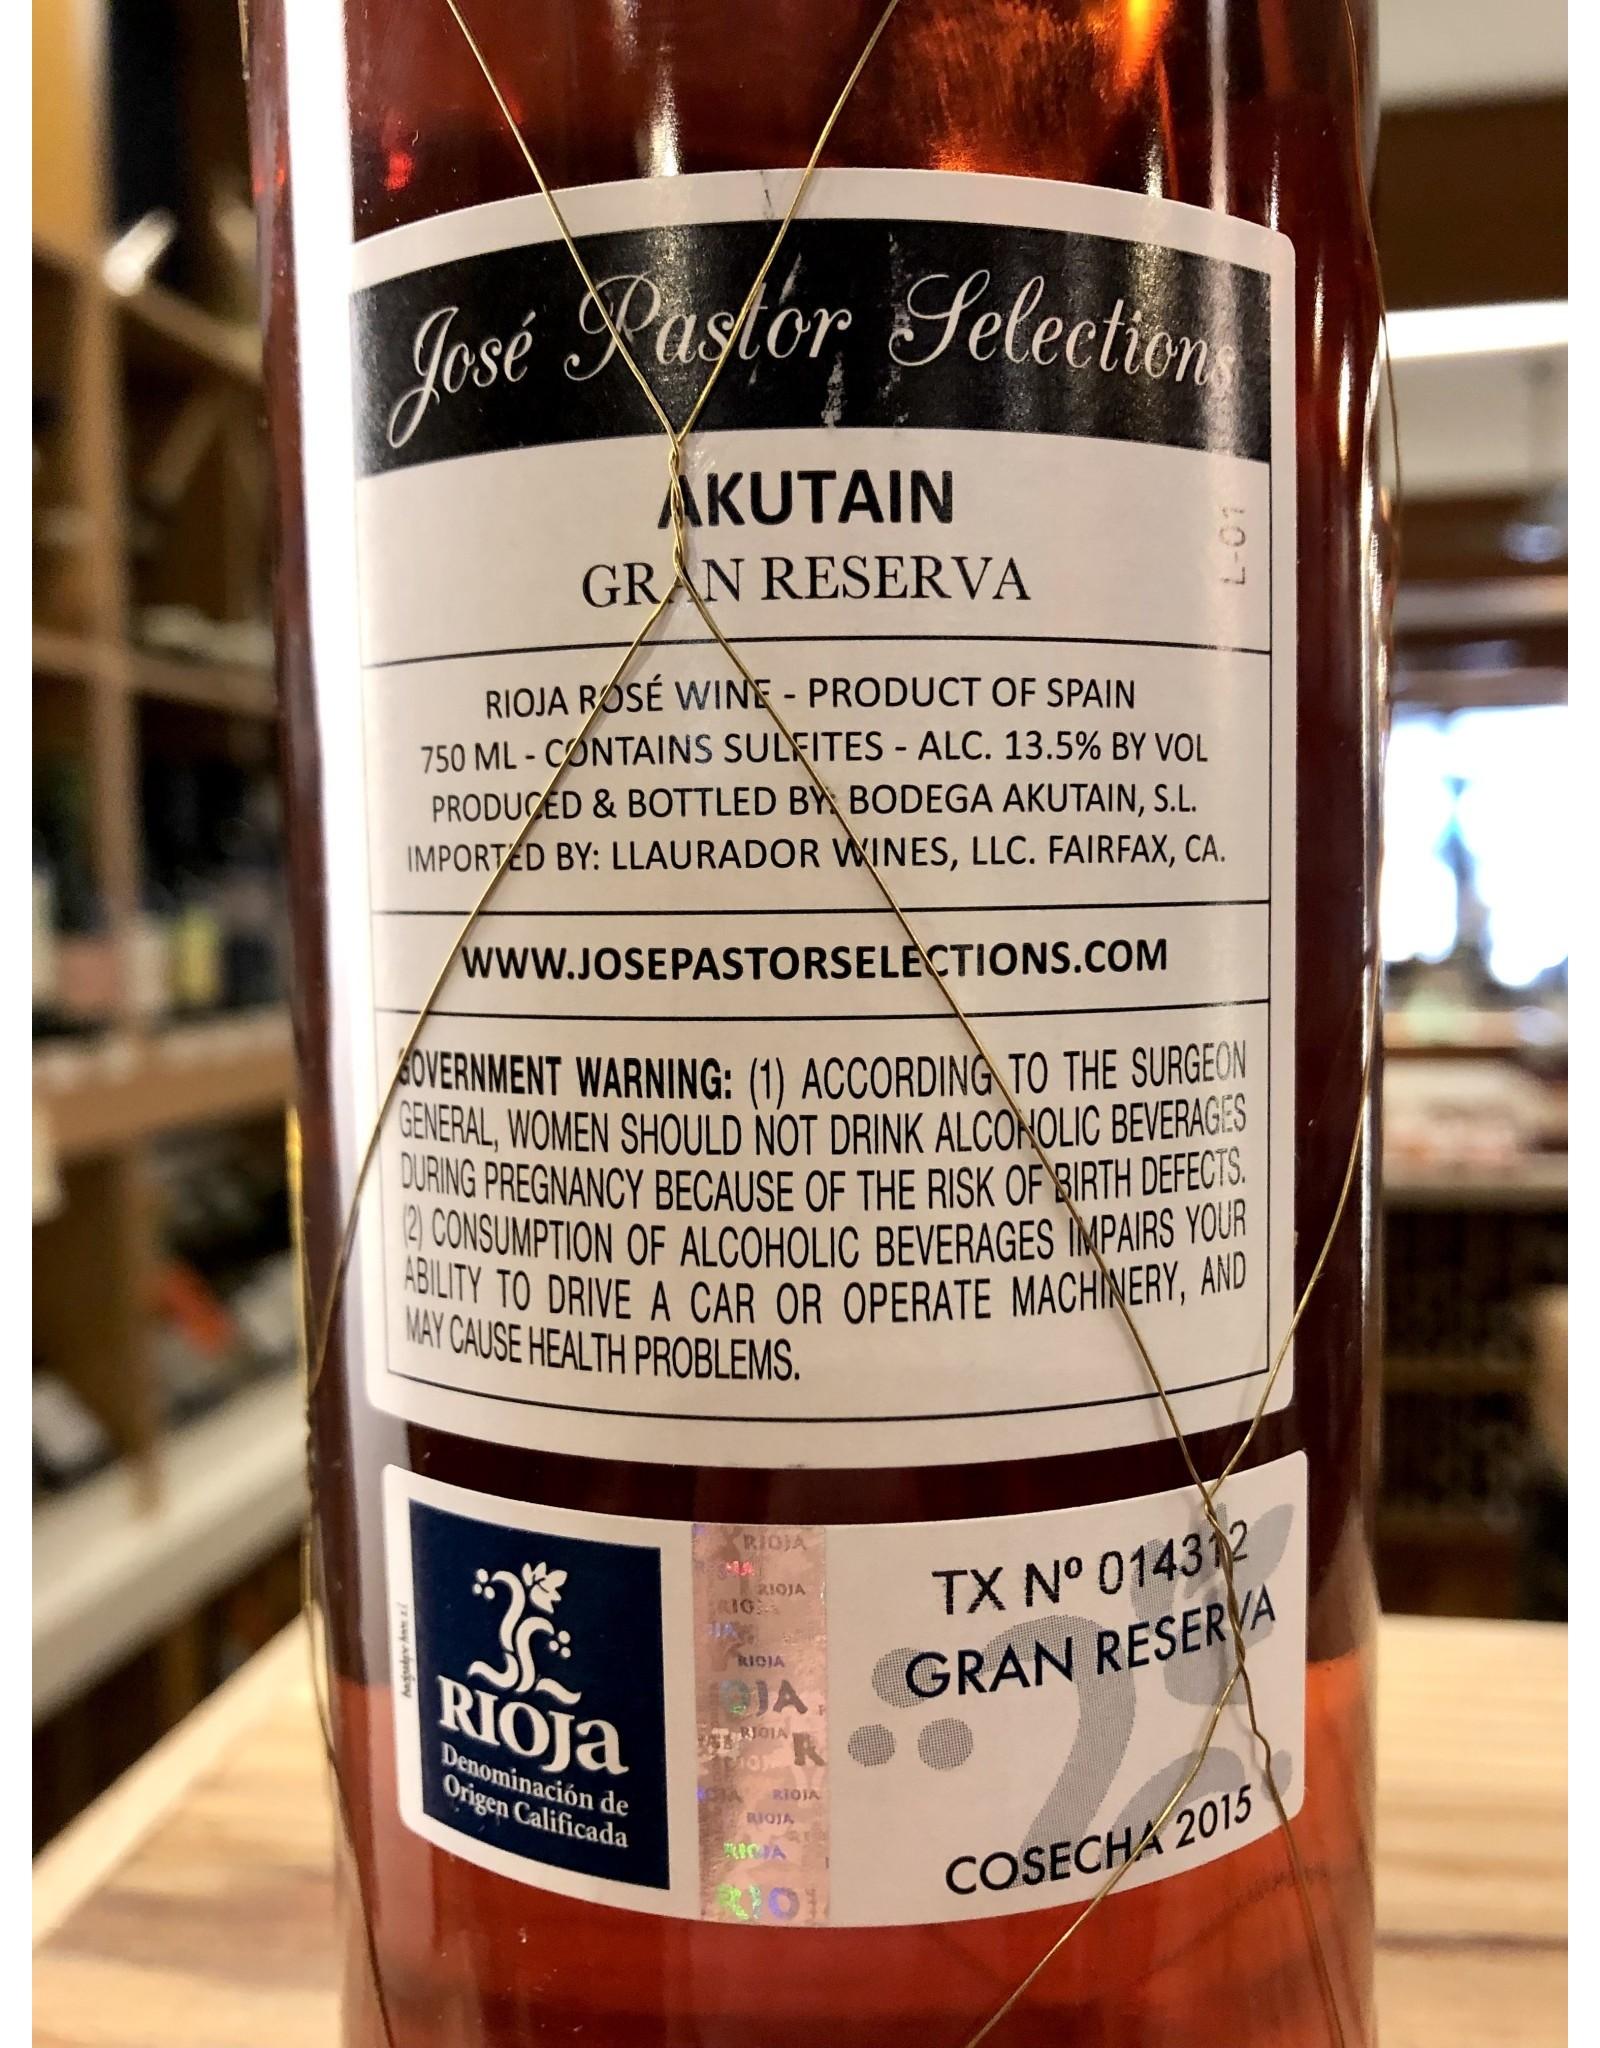 Akutain Rioja Gran Reserva Rosado 2015 - 750 ML